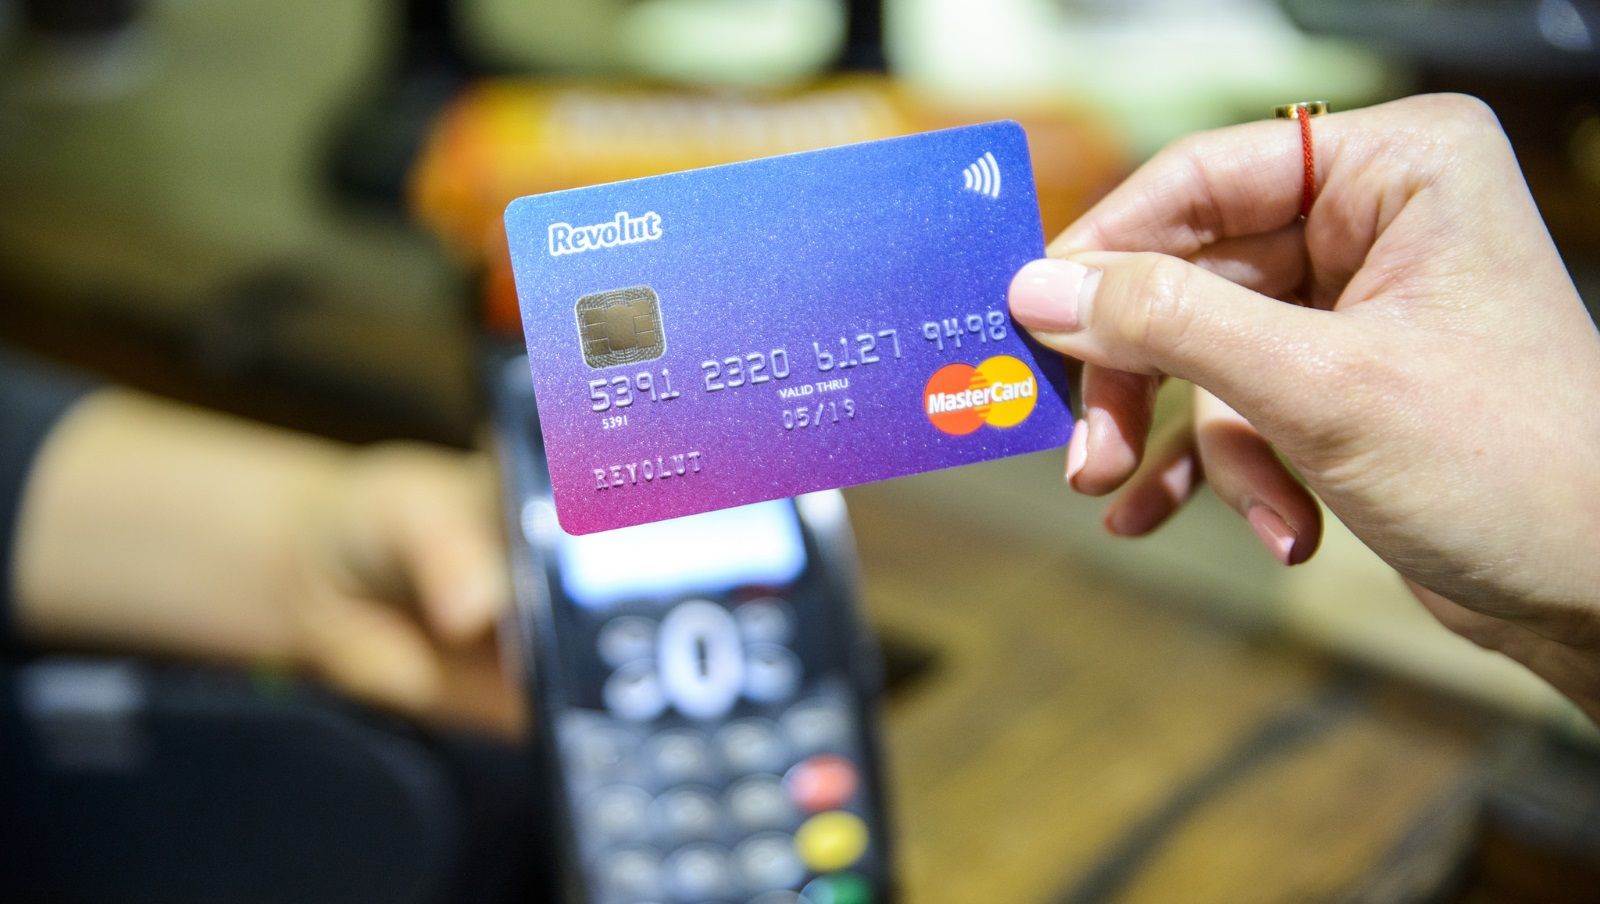 Revolut disponuje také vlastními platebními kartami